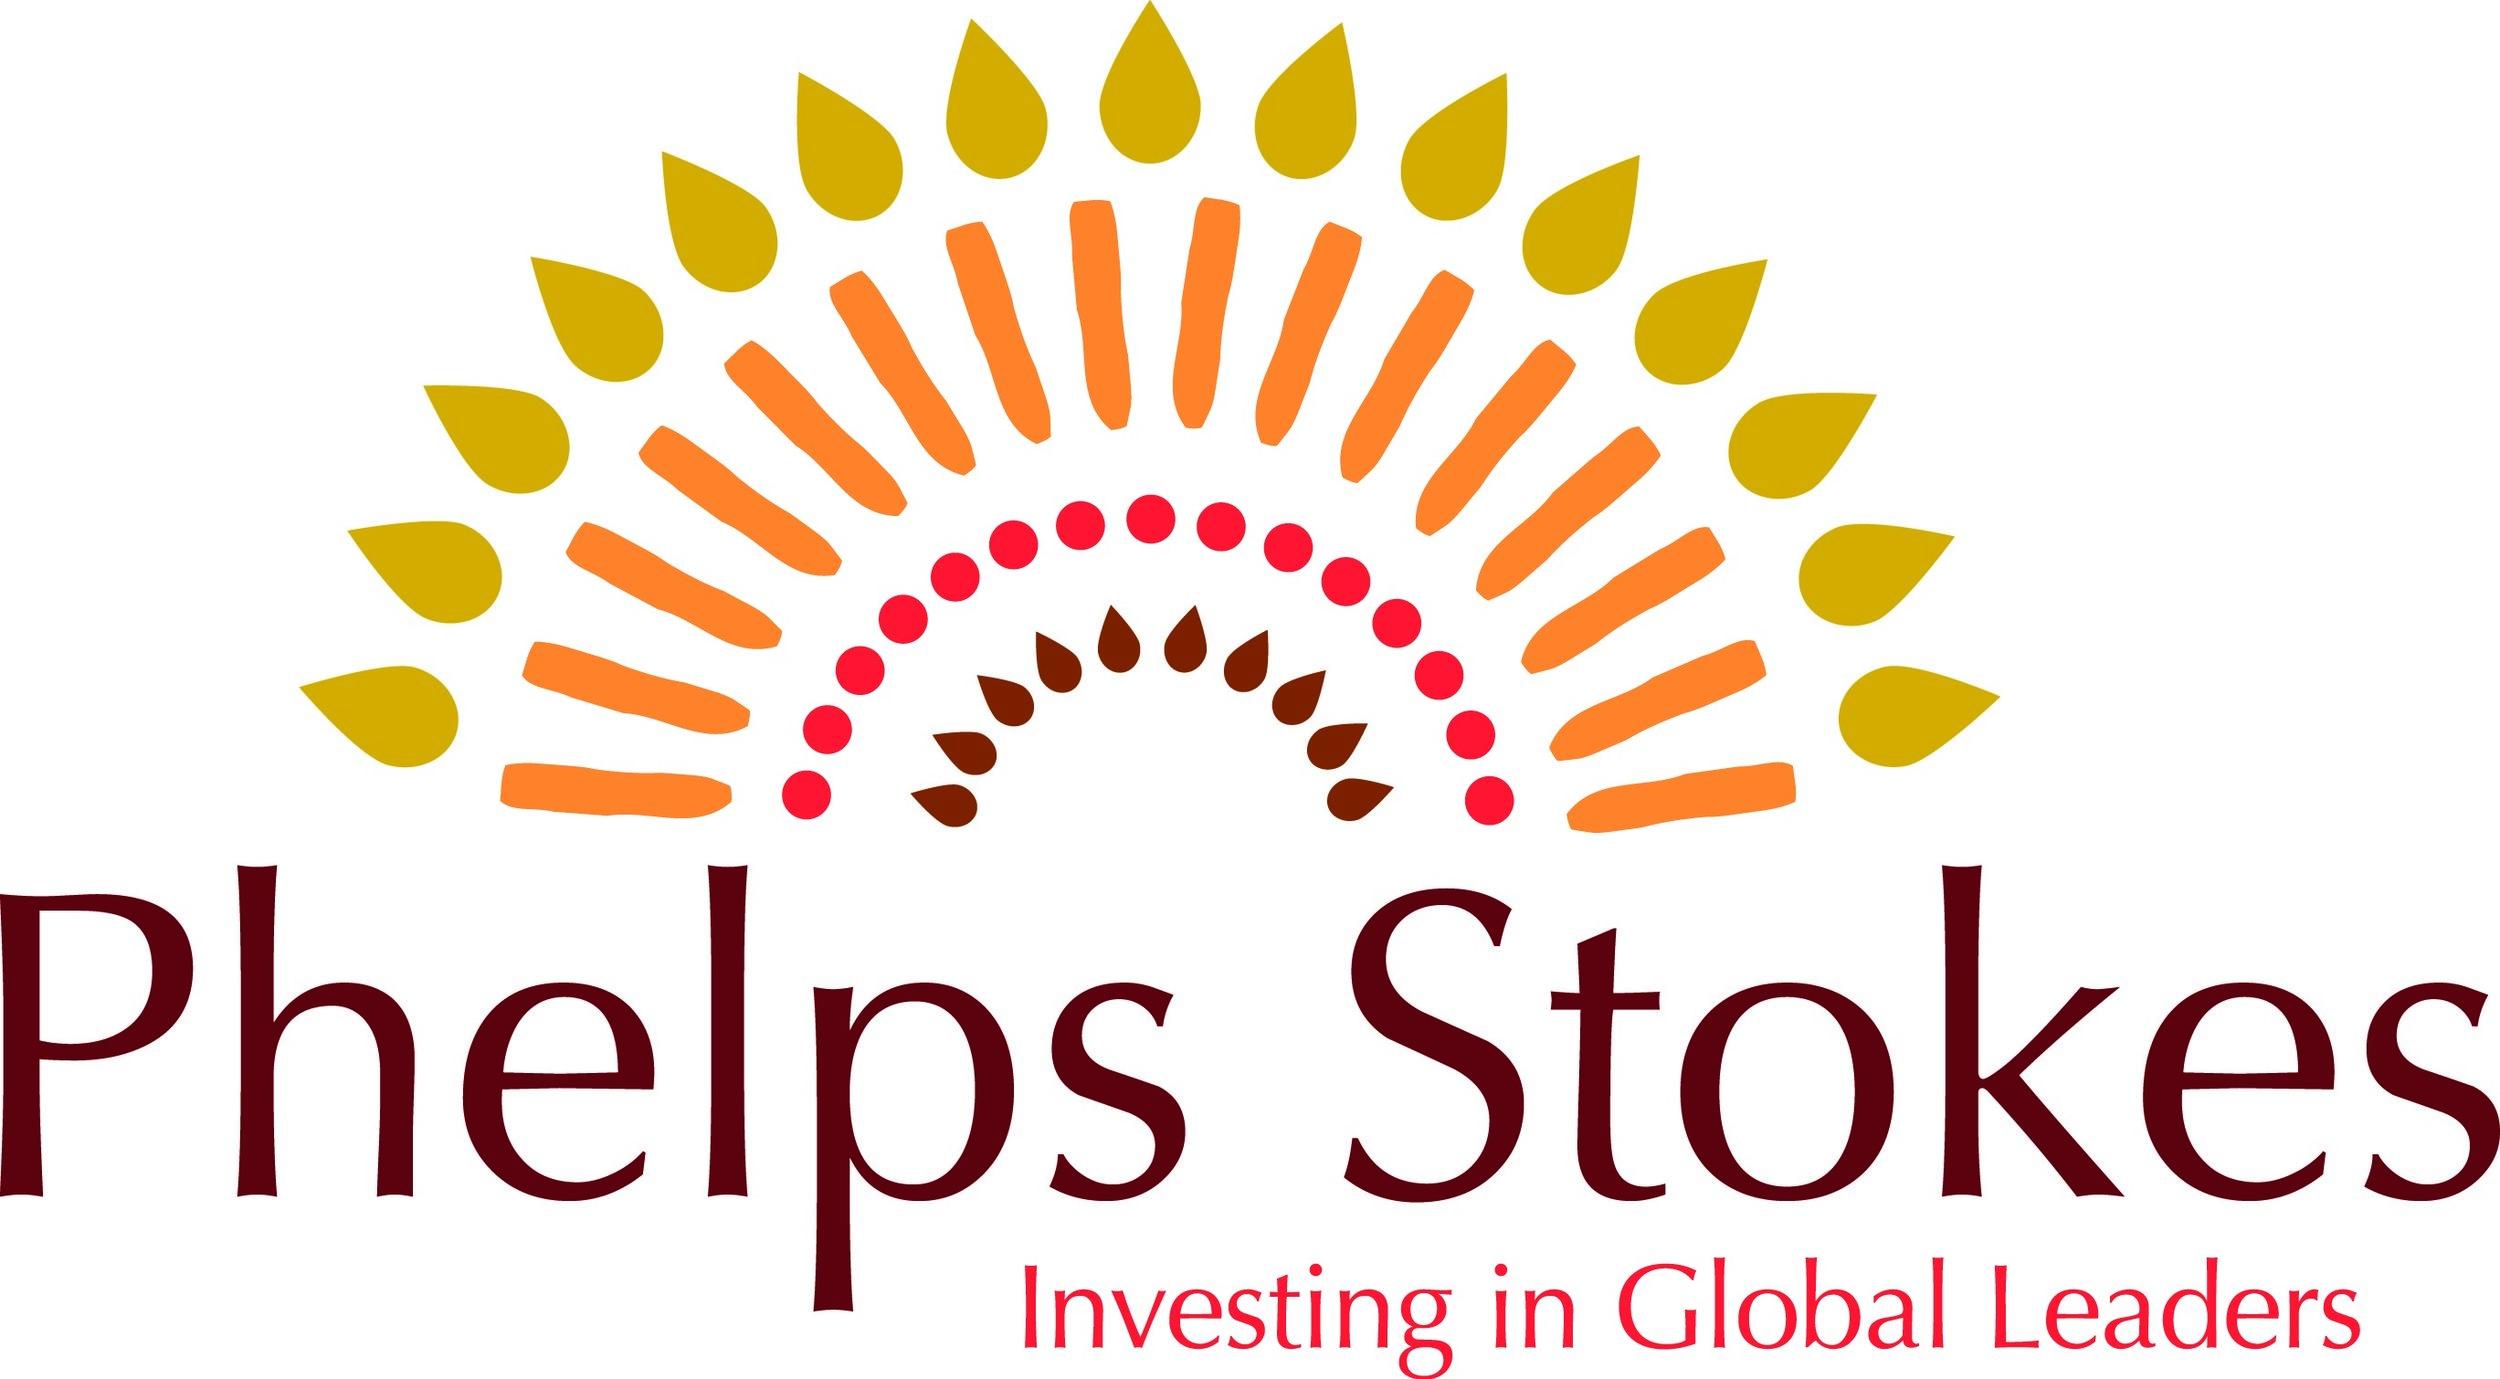 Phelps Stokes Fund